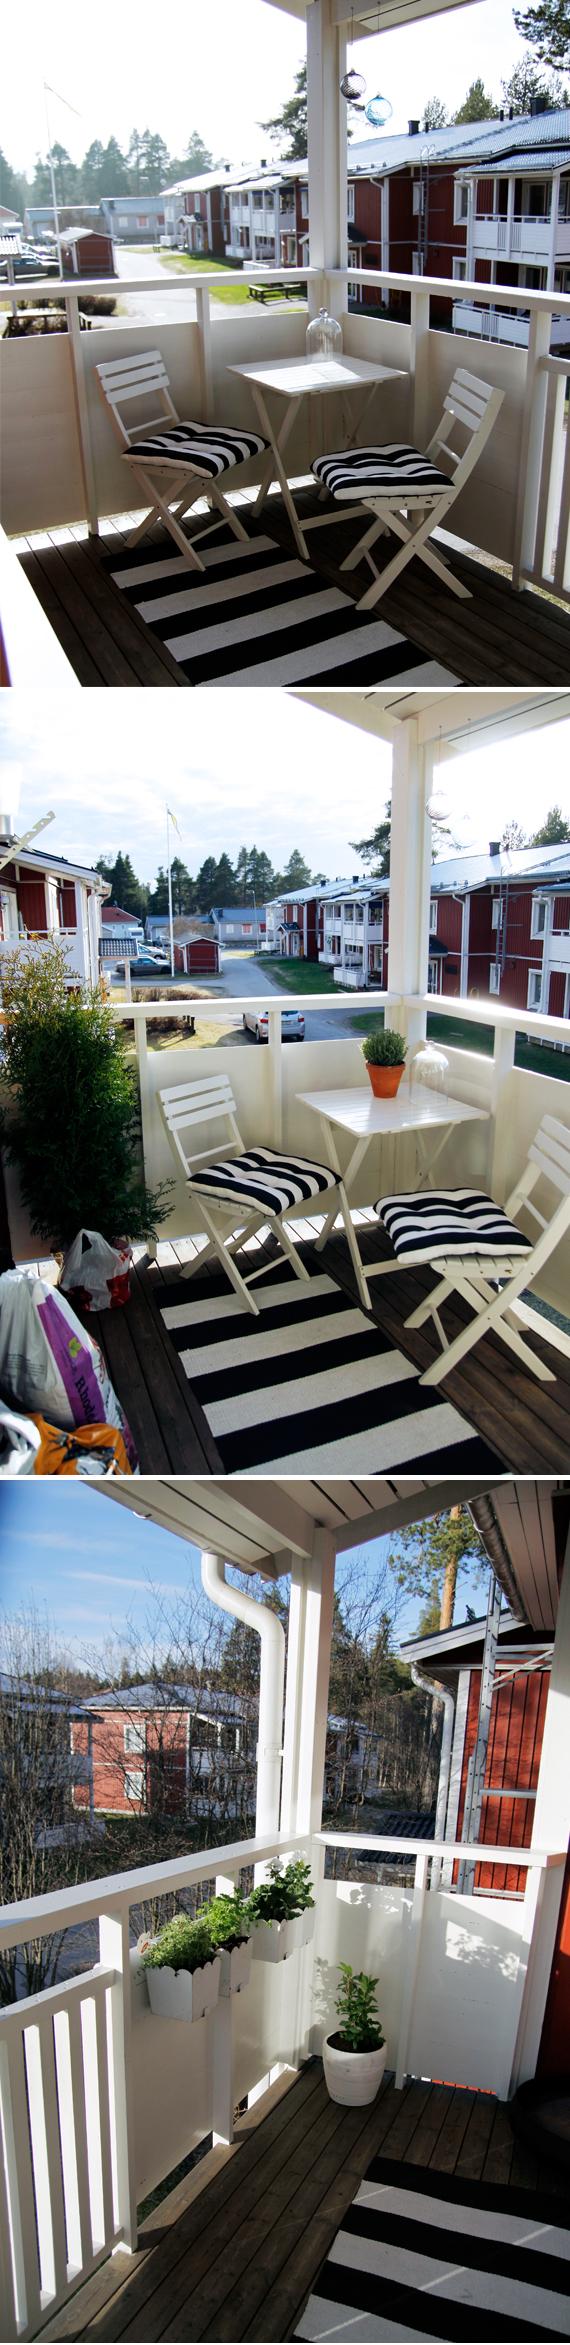 balkong inspirera mera inredning blogg inredningsblogg växter inspiration balkonginspiration pelagaron örter